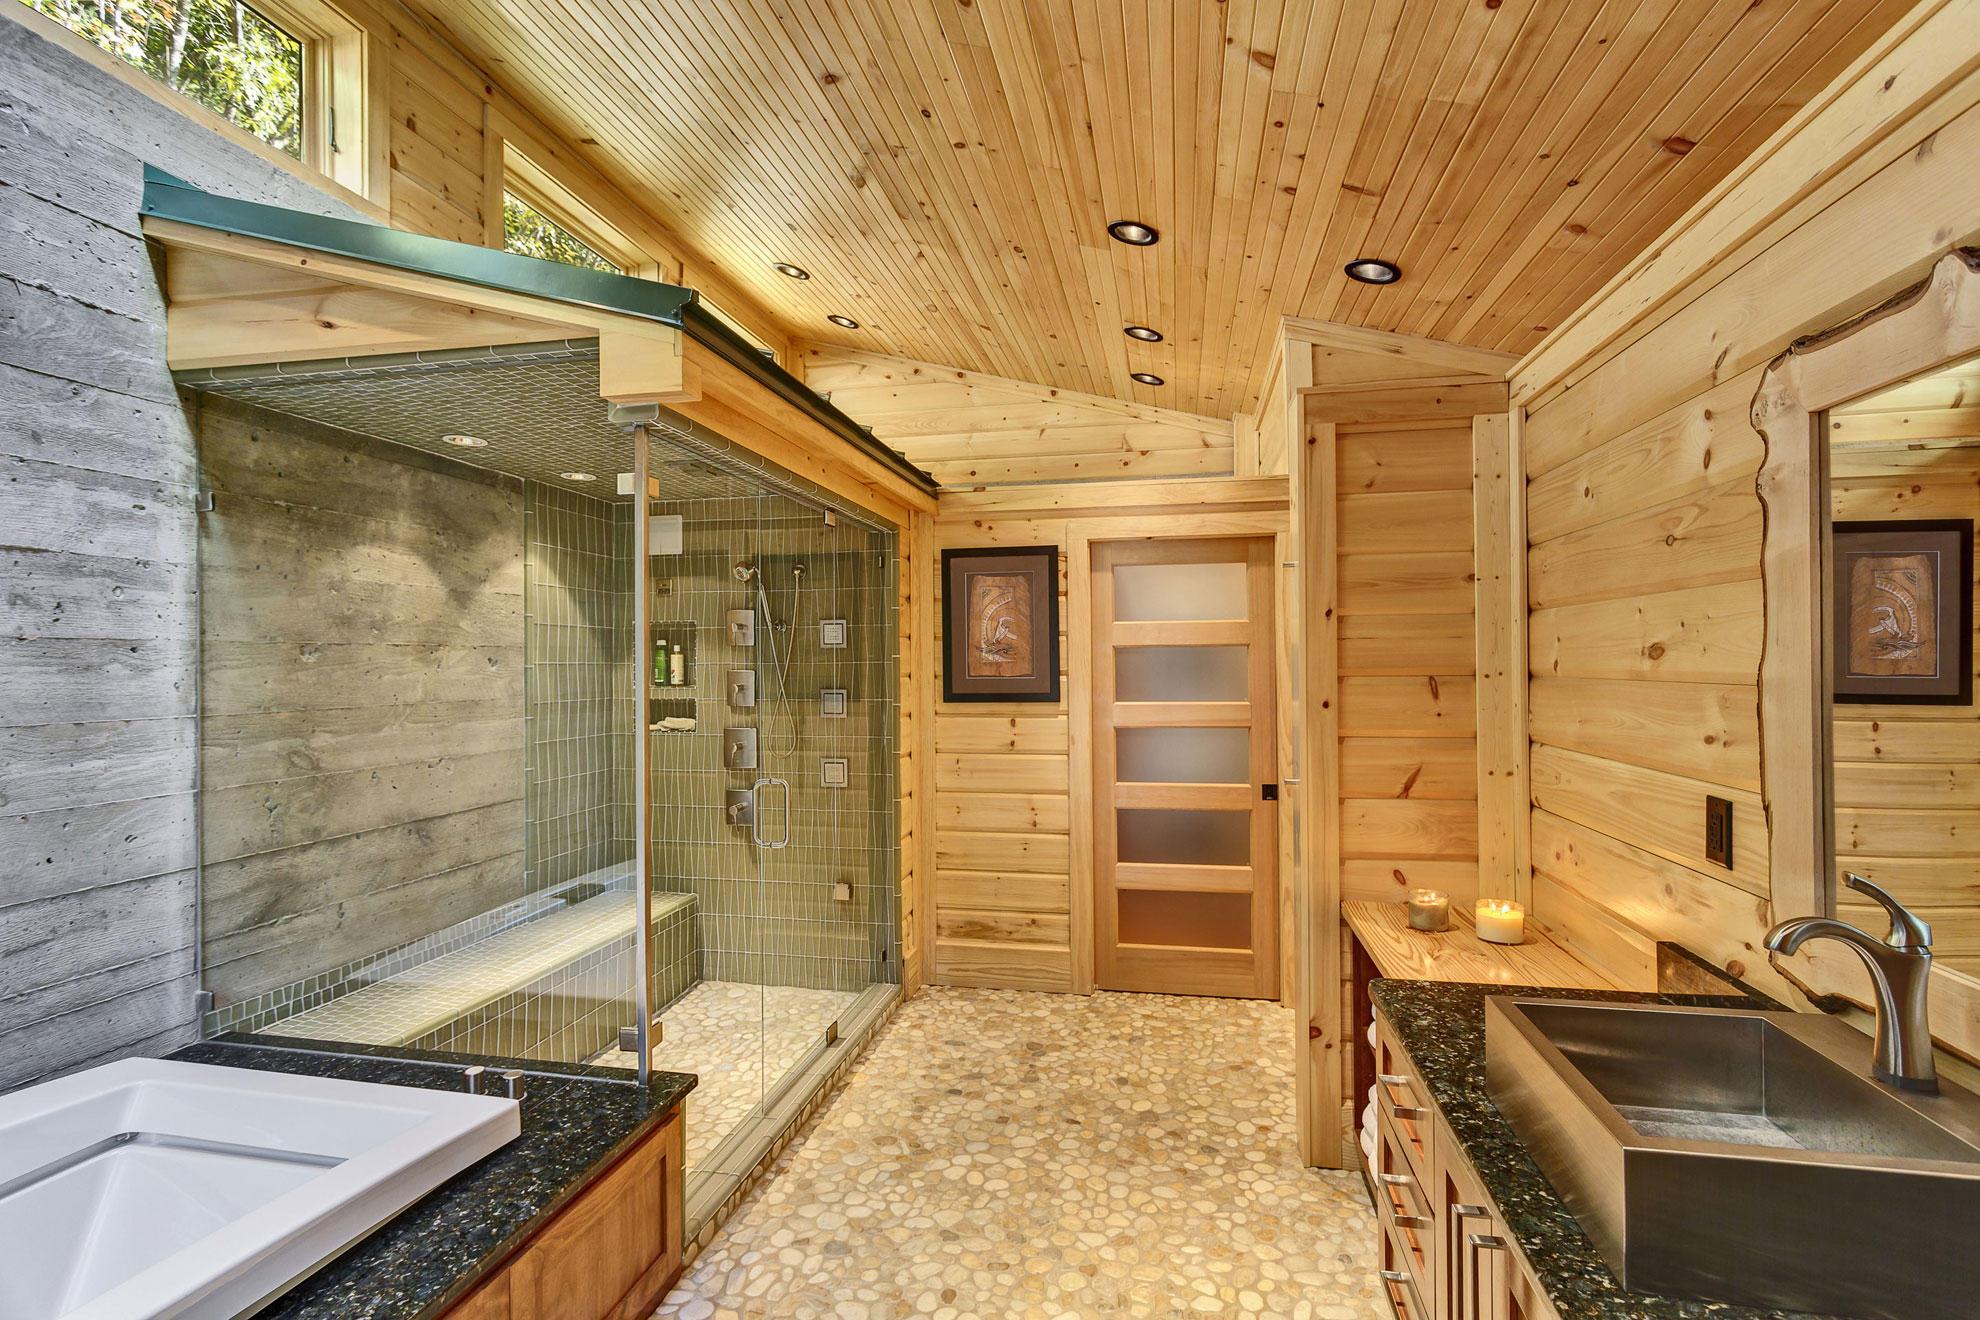 помощью рамки внутренняя отделка комнаты в деревянном доме фото образом, романа съемочной